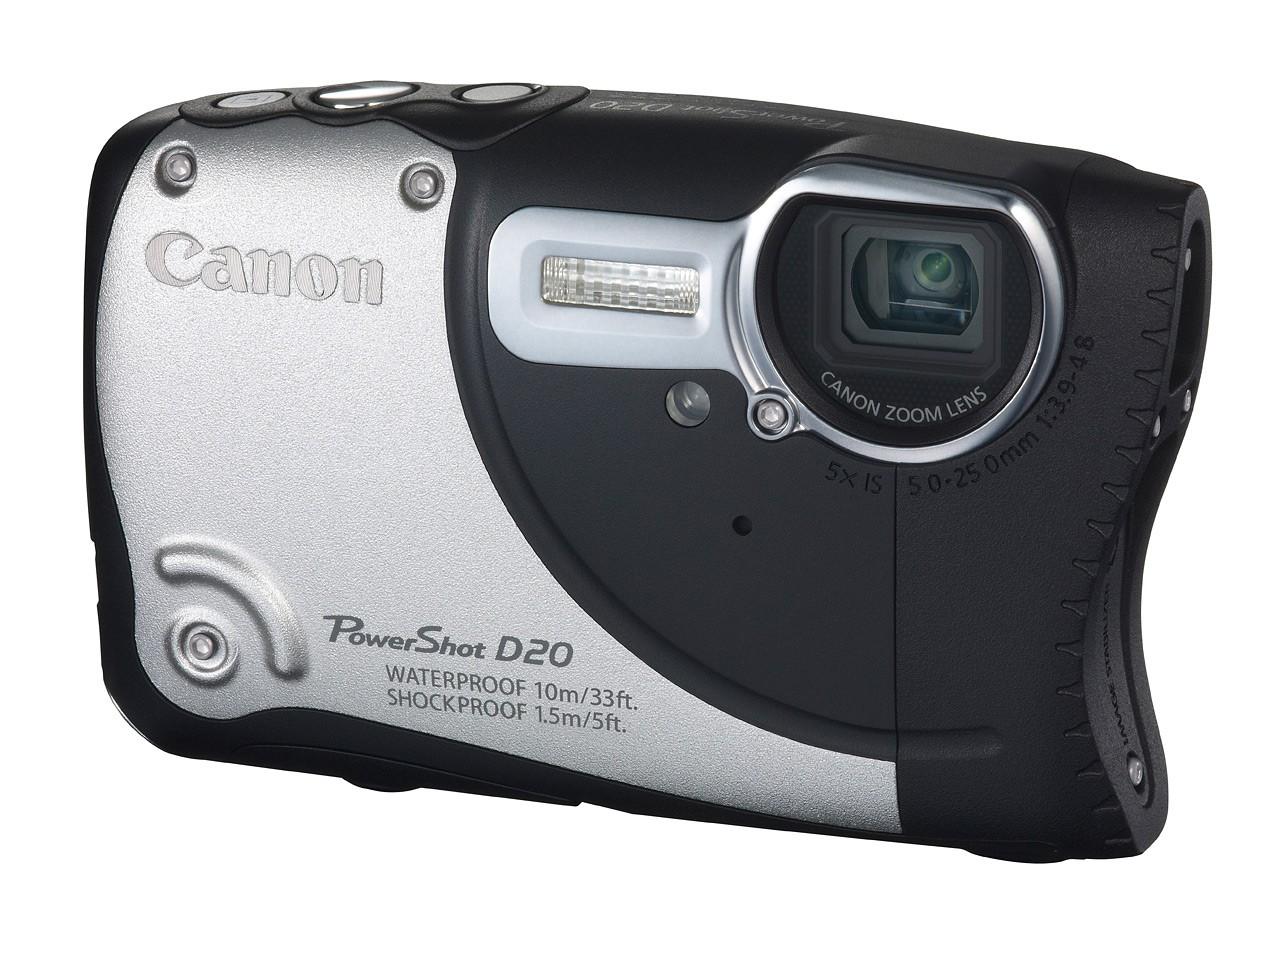 Canon PowerShot D20